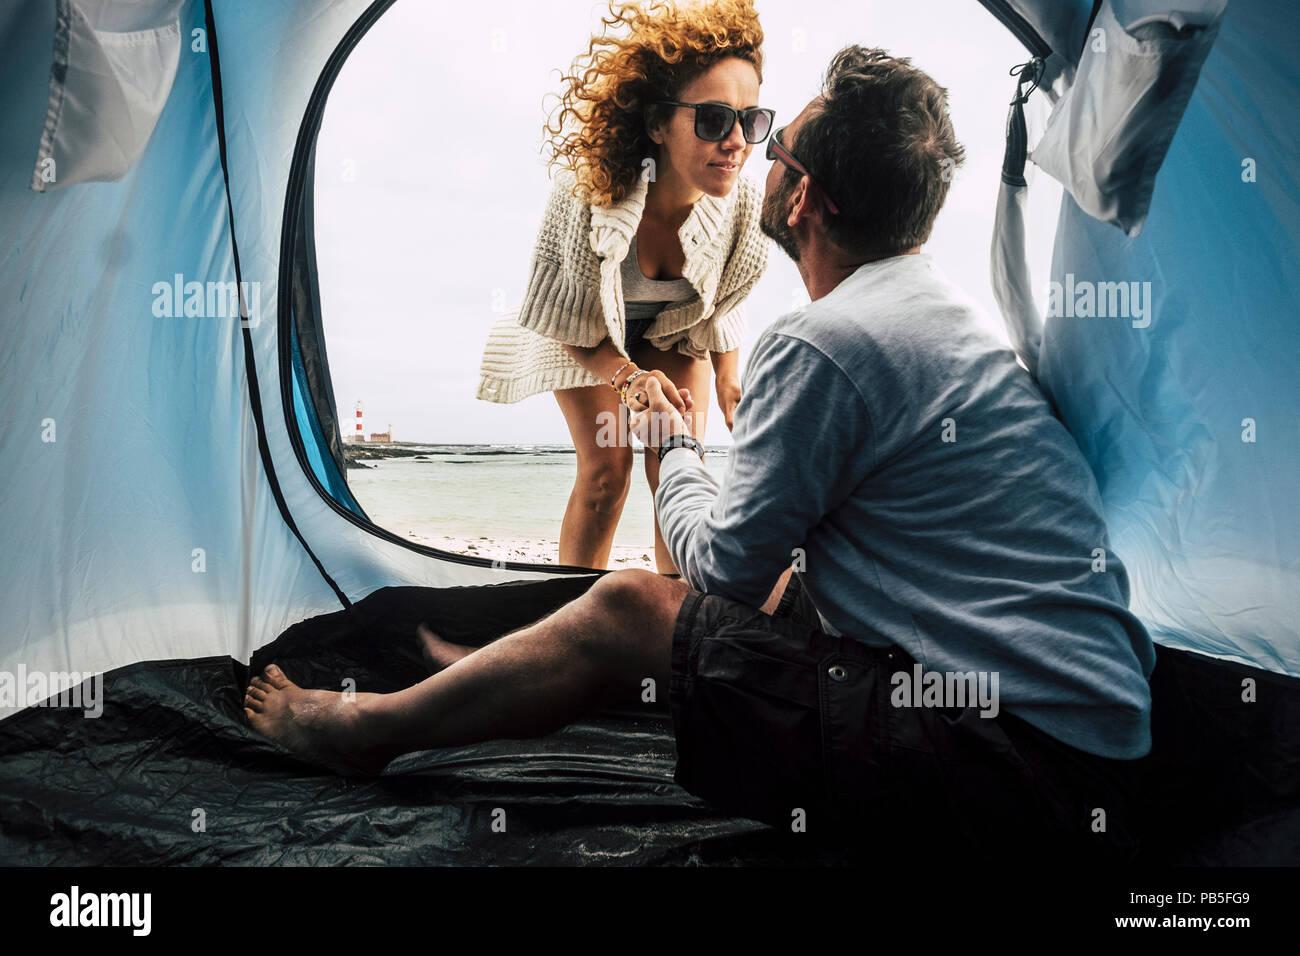 Dois homens e uma mulher branca, 40 anos de idade no amor camping na praia, em lugar tropical, que vivem perto do mar e desfrutar de suas férias na tenda. ki Imagens de Stock